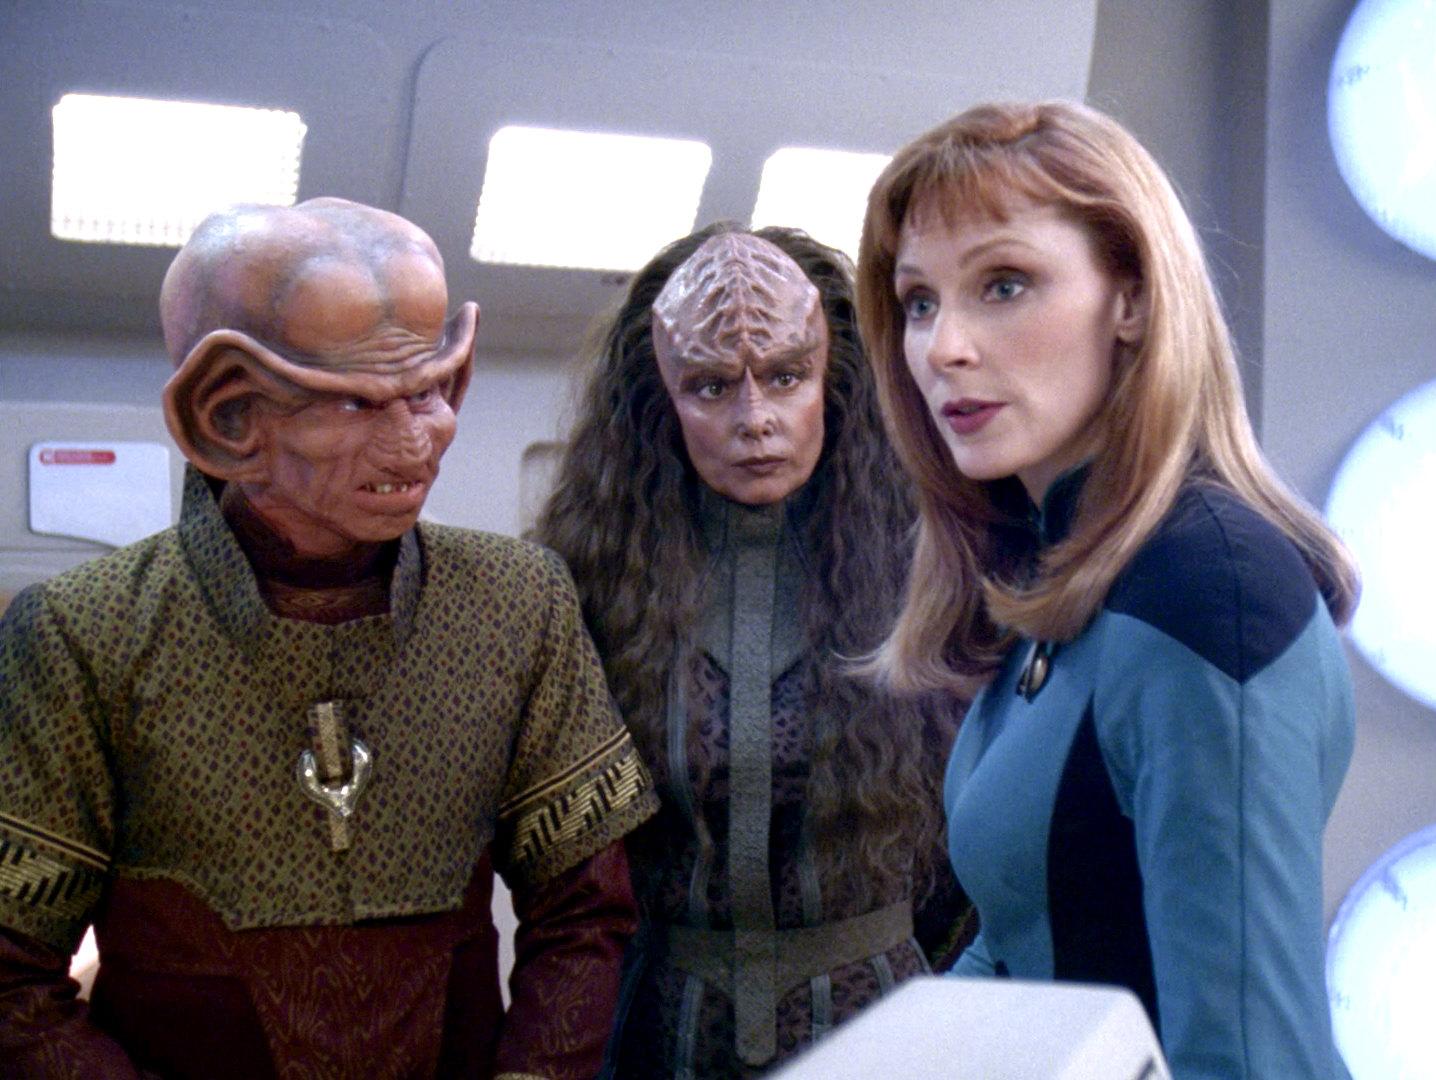 Ex Astris Scientia - Alien Monocultures in Star Trek